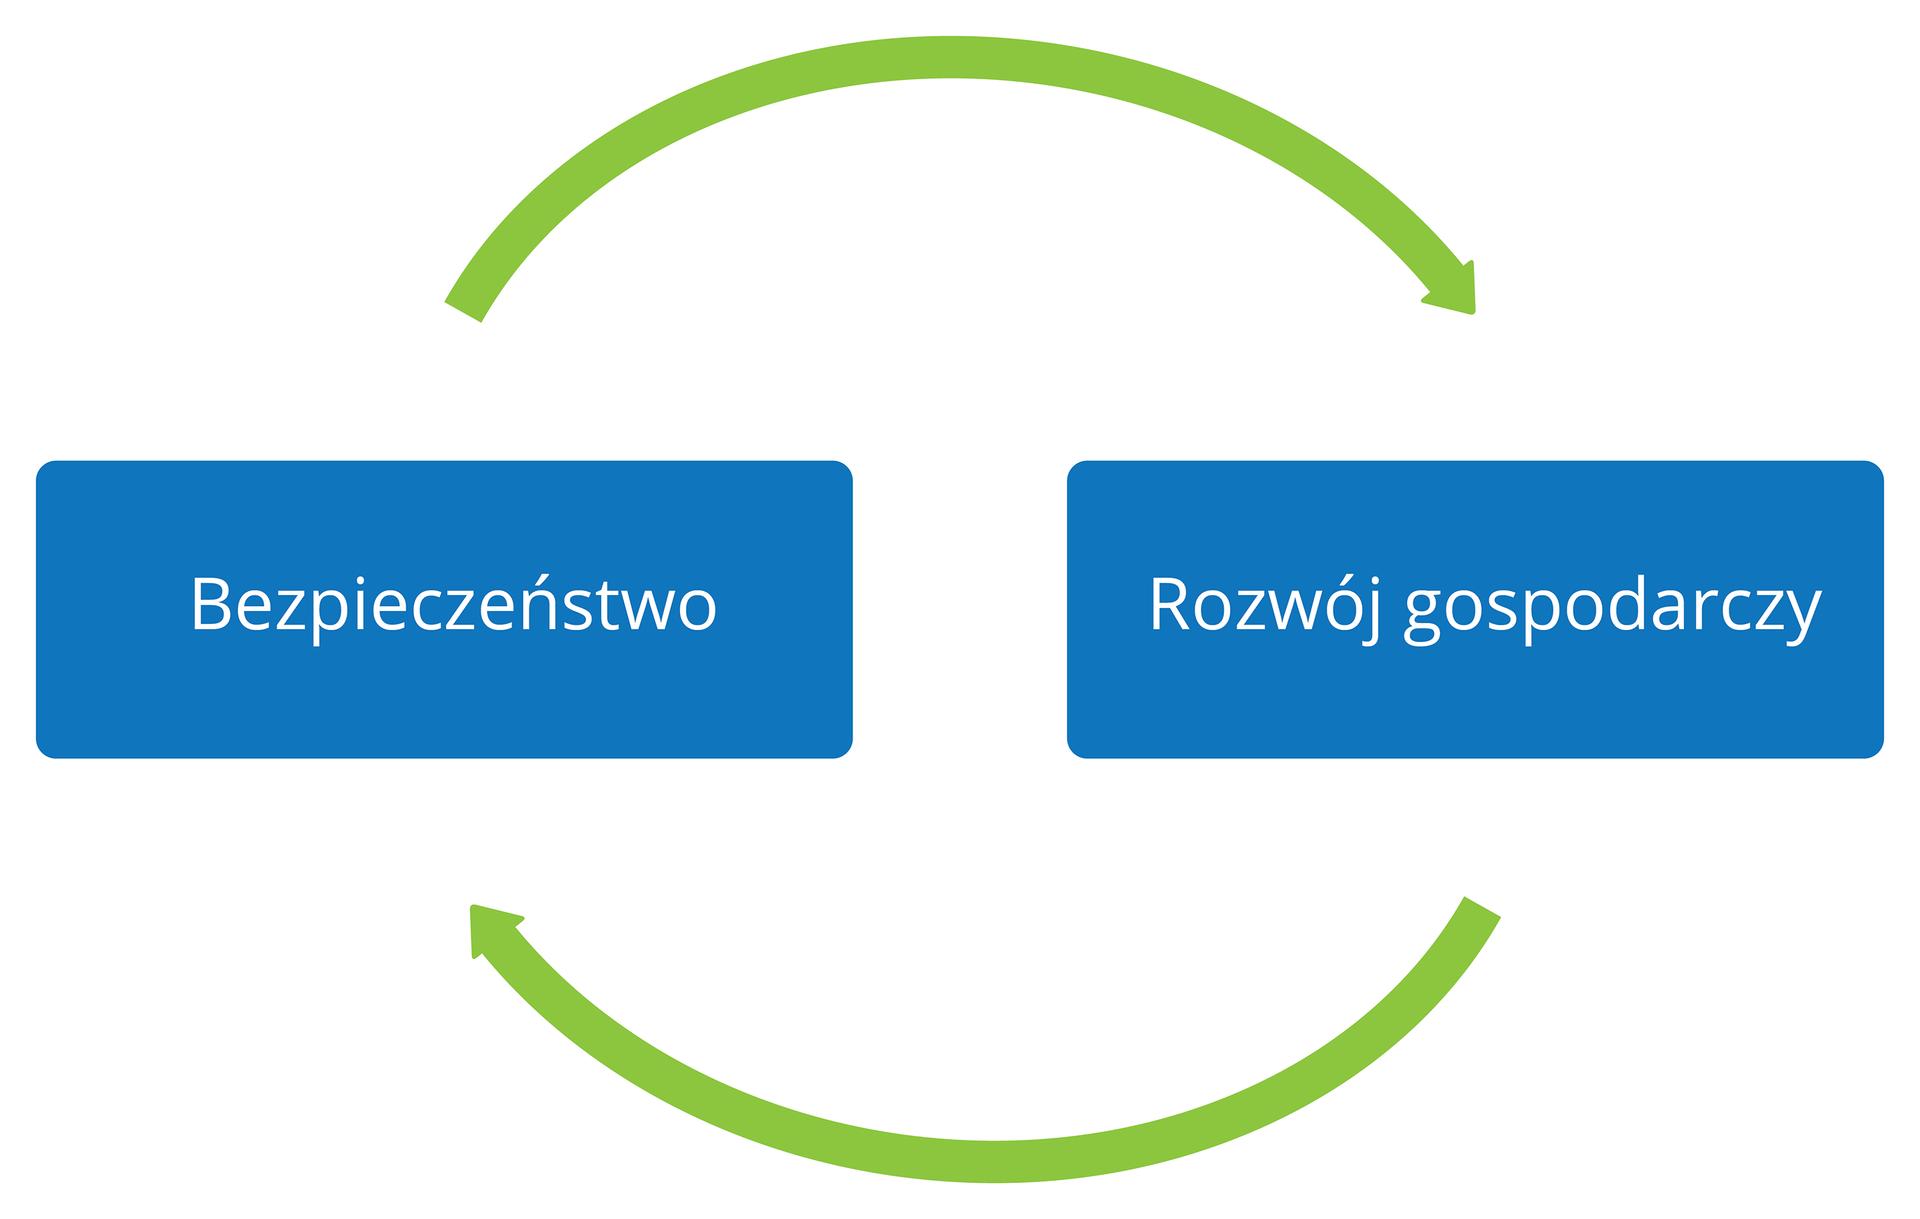 Ilustracja to prosty kolorowy schemat. Dwa niebieskie poziome prostokąty obok siebie. Na lewym prostokącie biały napis: bezpieczeństwo. Na prawym prostokącie biały napis: rozwój gospodarczy. Powyżej iponiżej prostokątów zielone strzałki wwygięte wpółkole. Górna strzałka grotem skierowana wprawo, dolna skierowana wlewo.